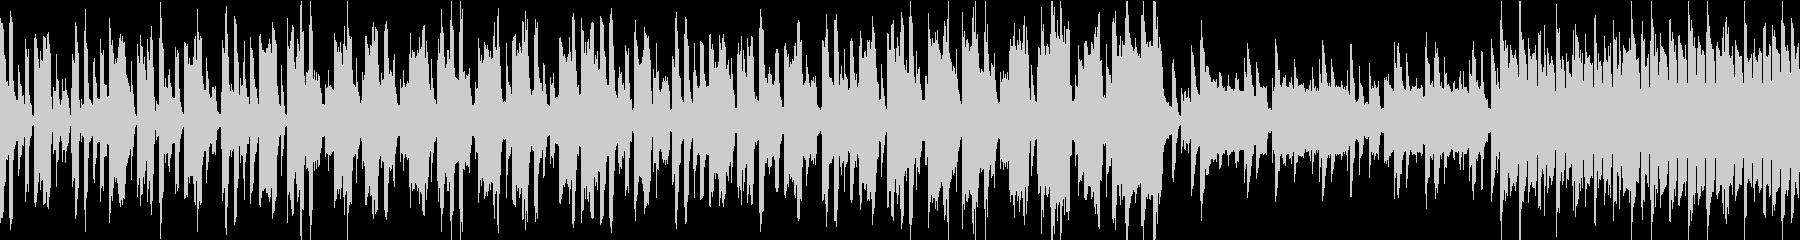 シンセ音のポップな日常風景曲。ループ仕様の未再生の波形